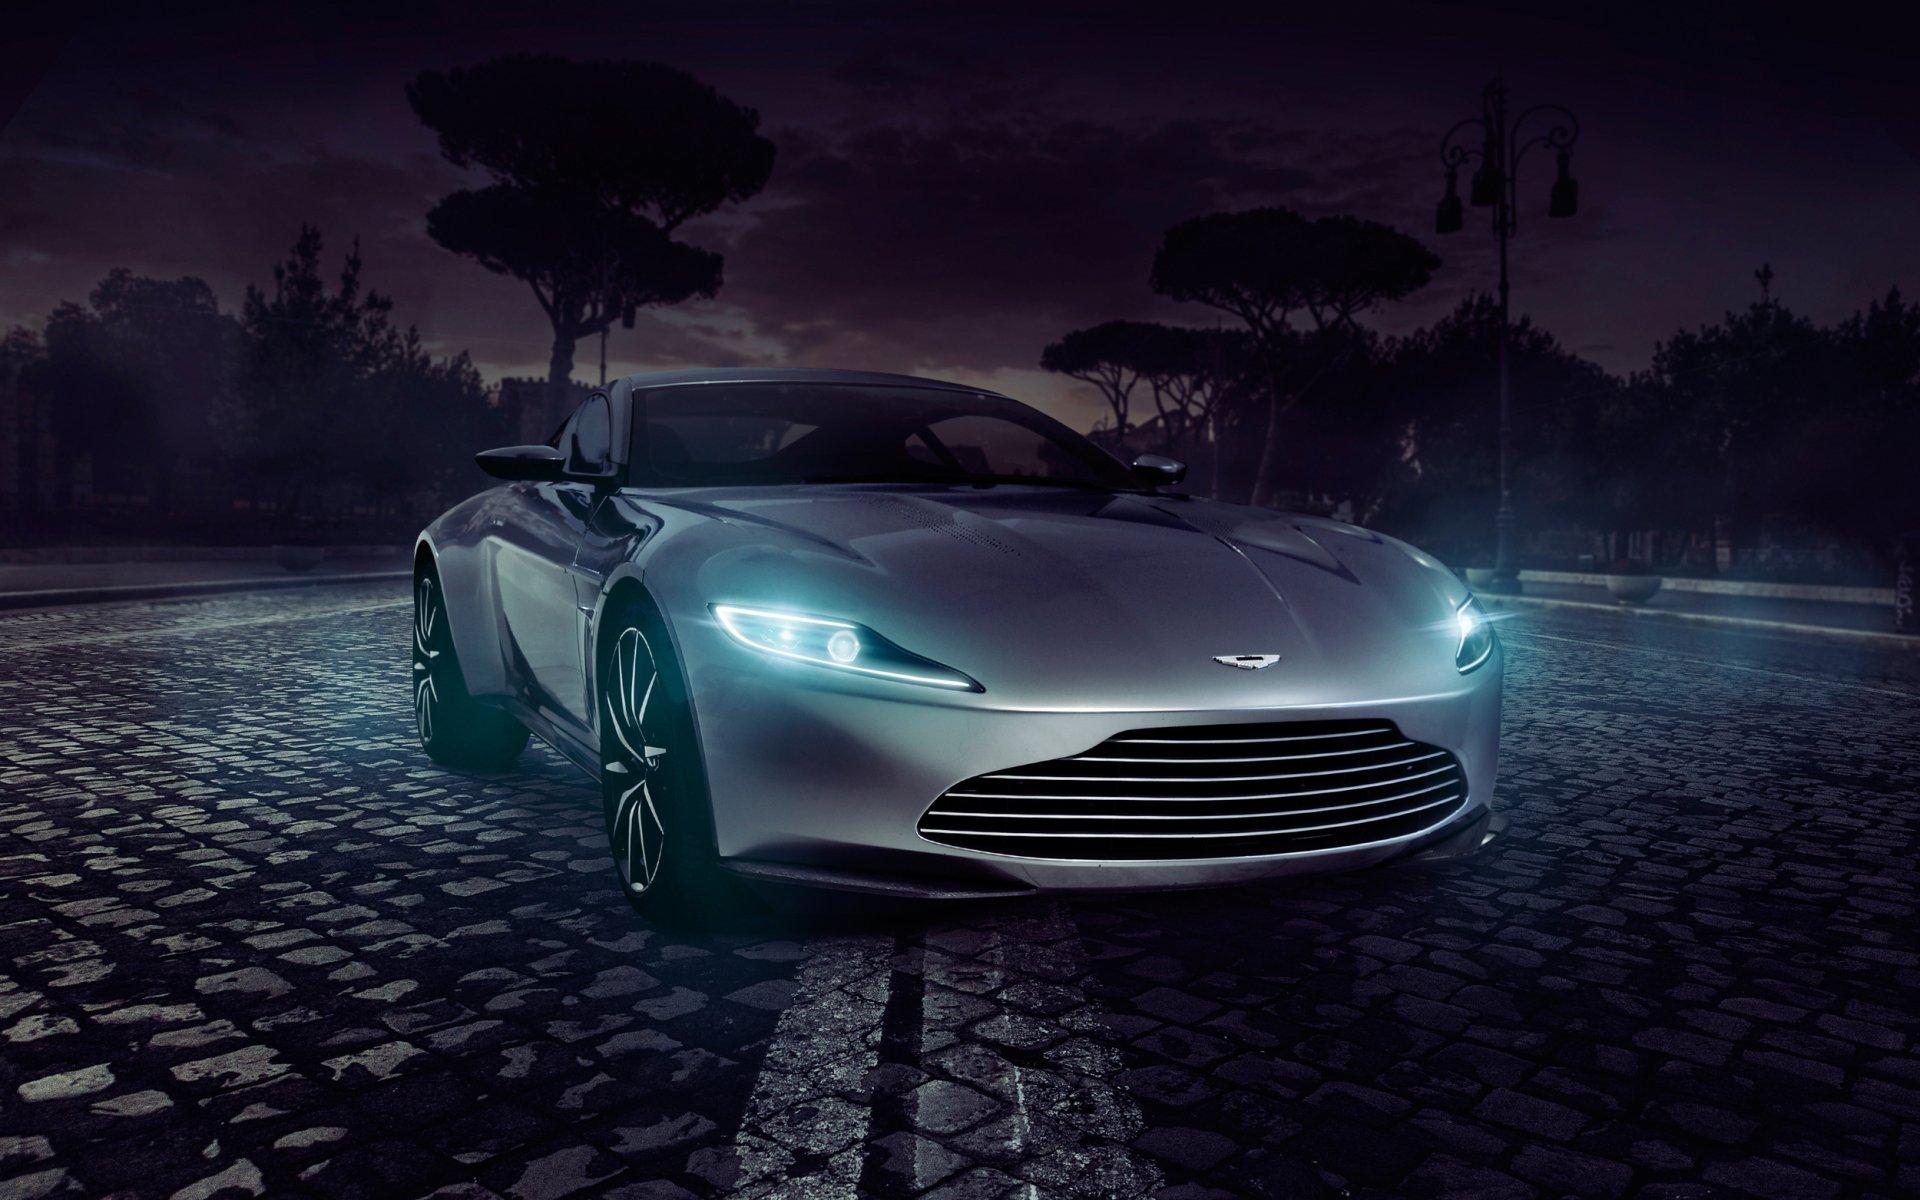 8 Aston Martin Db10 Hd Wallpapers Hintergründe Wallpaper Abyss